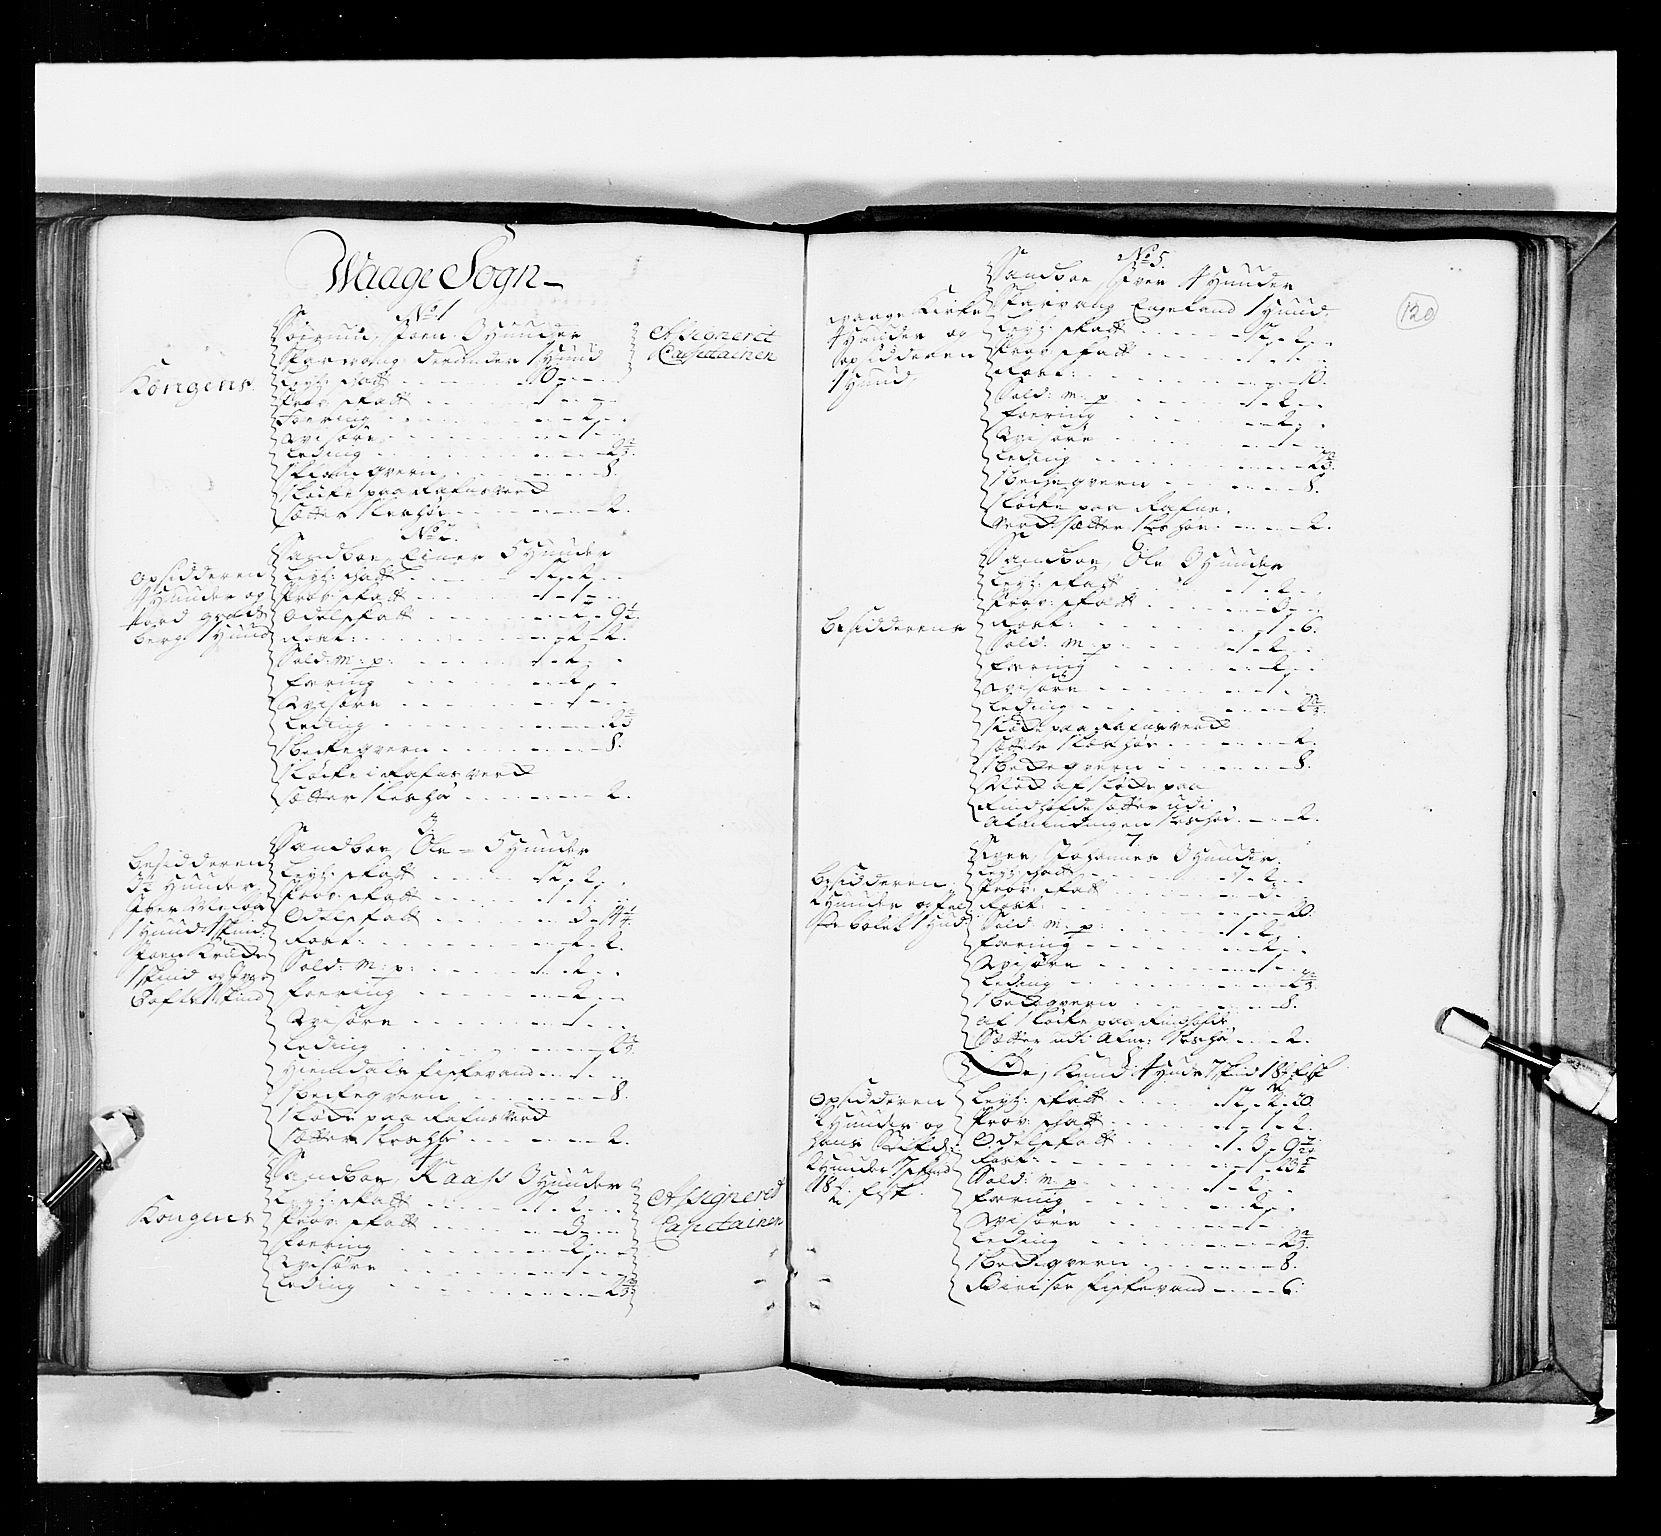 RA, Stattholderembetet 1572-1771, Ek/L0036: Jordebøker 1662-1720:, 1719, s. 119b-120a